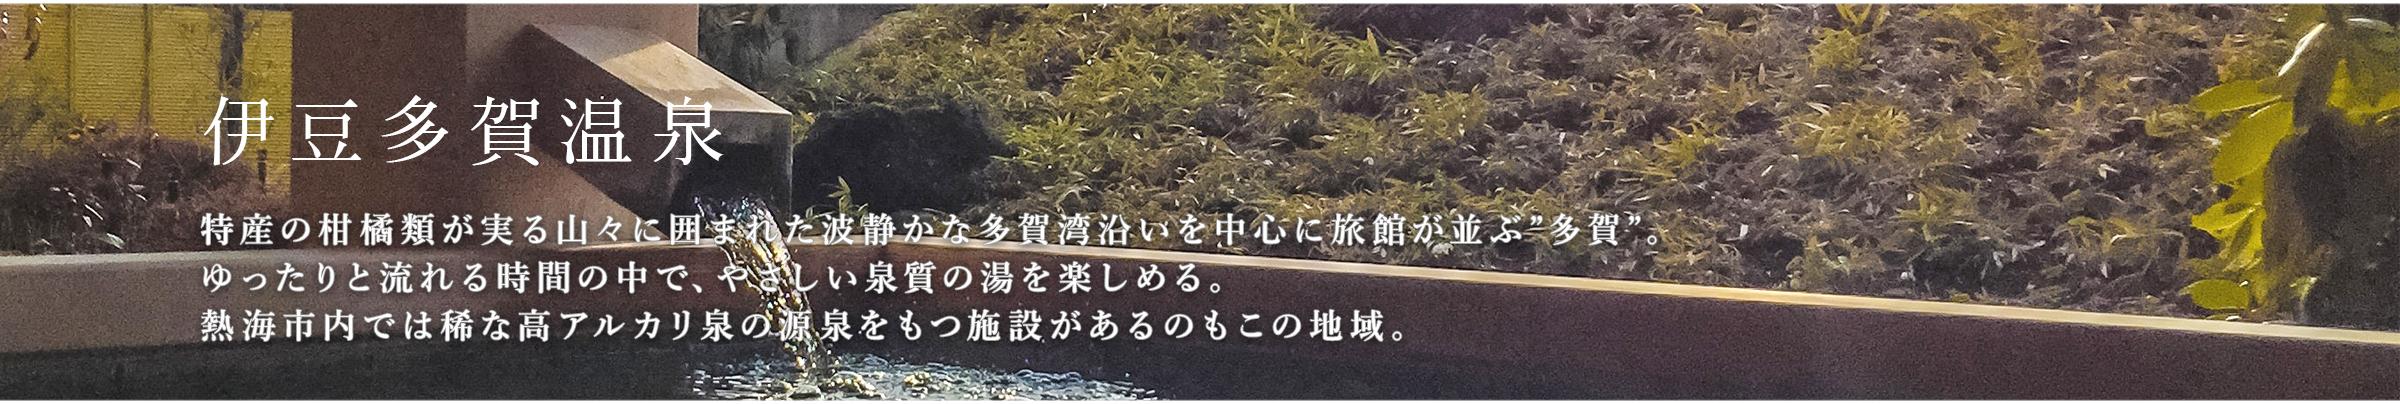 """伊豆多賀温泉 特産の柑橘類が実る山々に囲まれた波静かな多賀湾沿いを中心に旅館が並ぶ""""多賀""""。ゆったりと流れる時間の中で、やさしい泉質の湯を楽しめる。熱海市内では稀な高アルカリ泉の源泉をもつ施設があるのもこの地域。"""